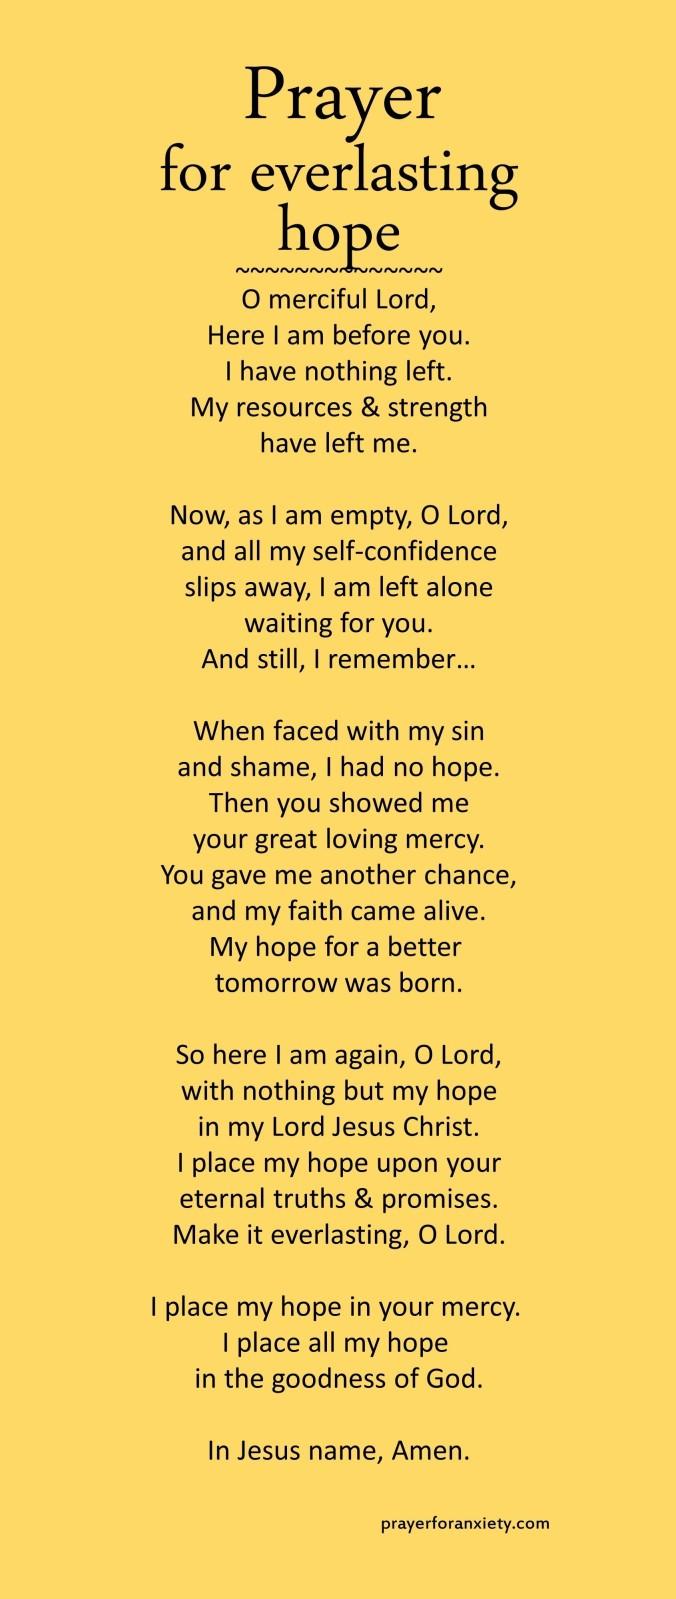 Prayer for everlasting hope